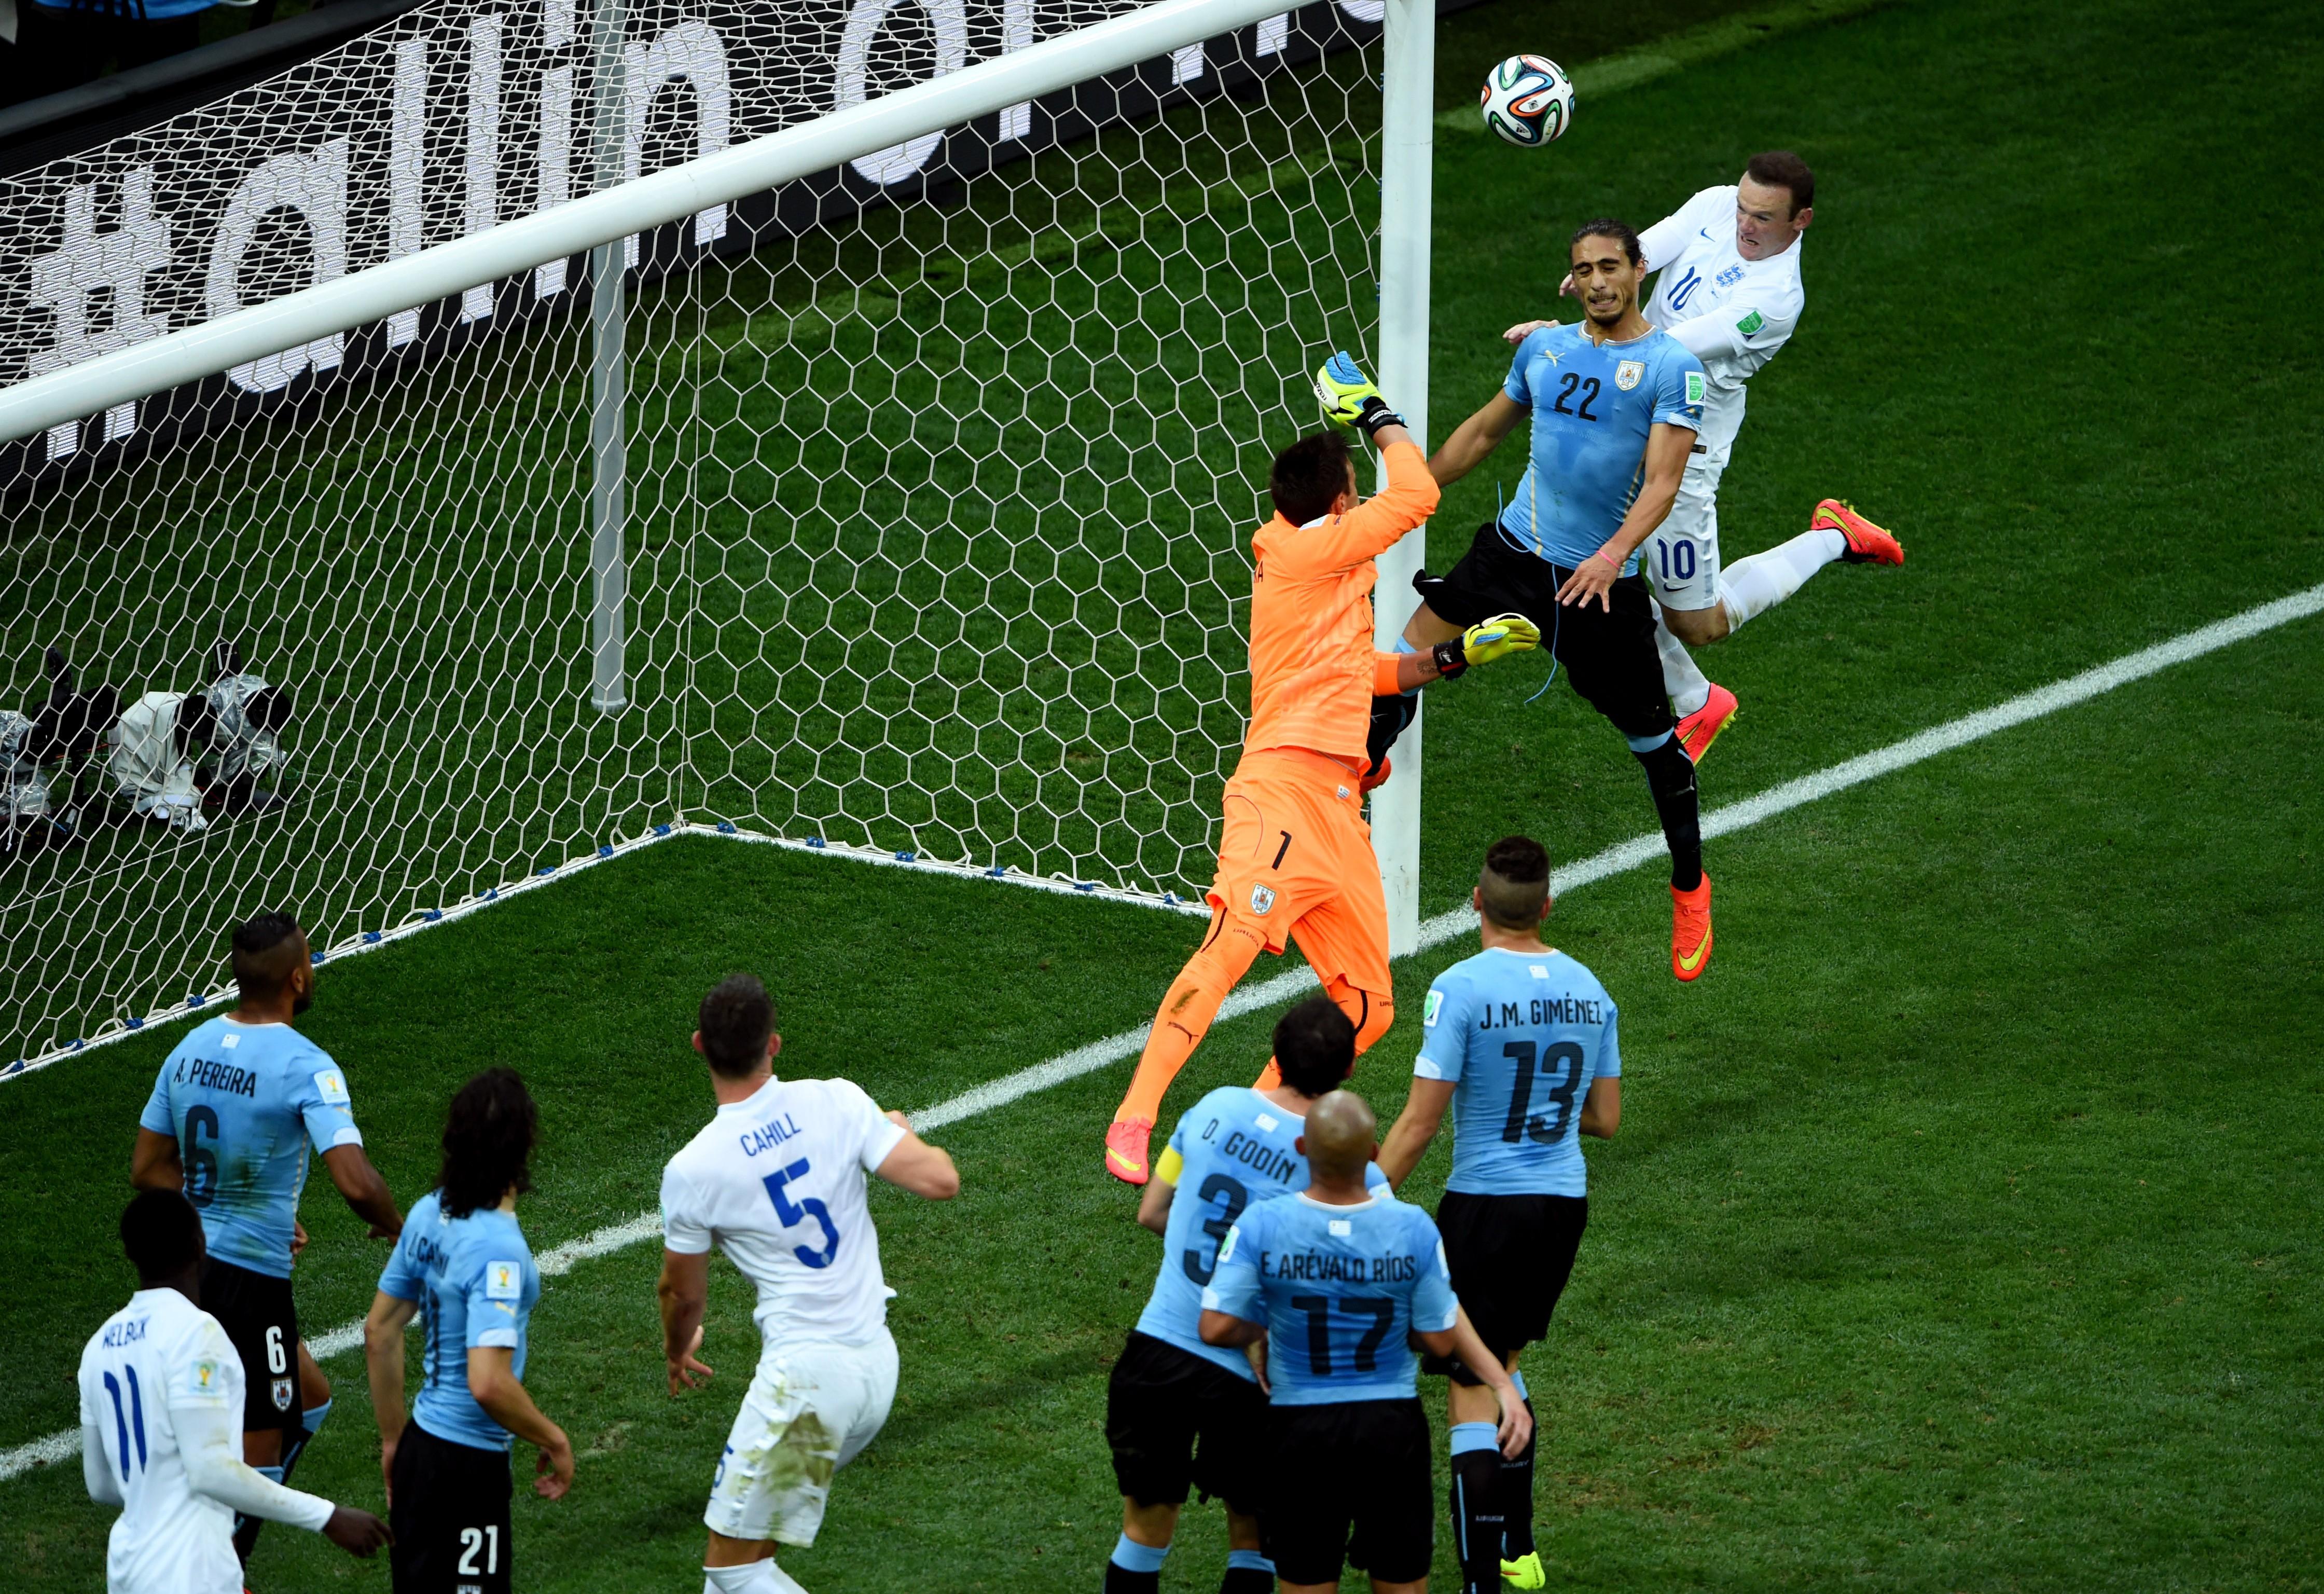 Уругвай - Англия 2:1. Большое возвращение Суареса - изображение 6